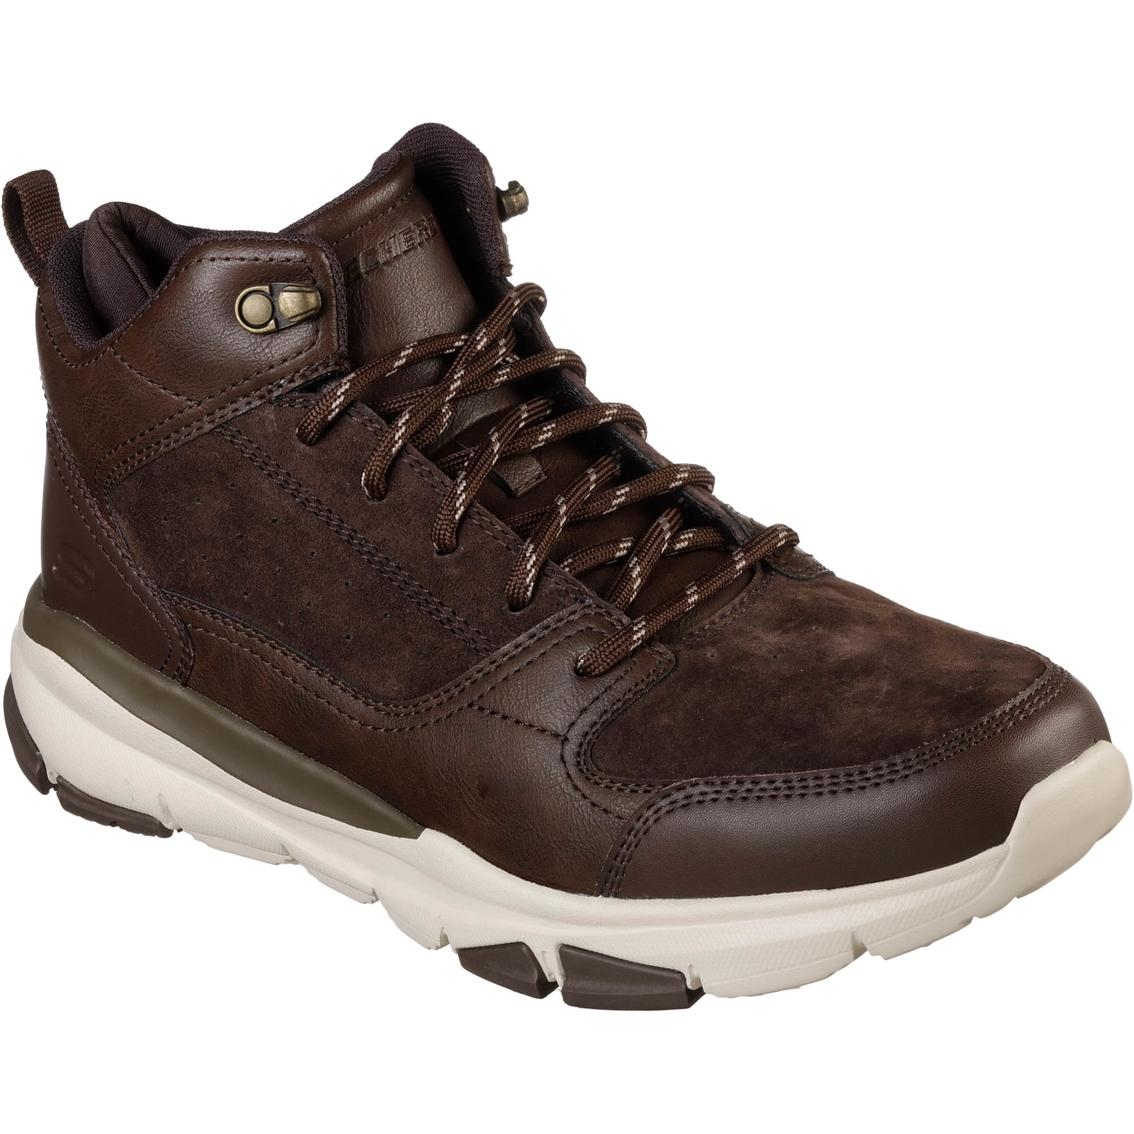 Skechers Men's Streetwear Lace Up Boots